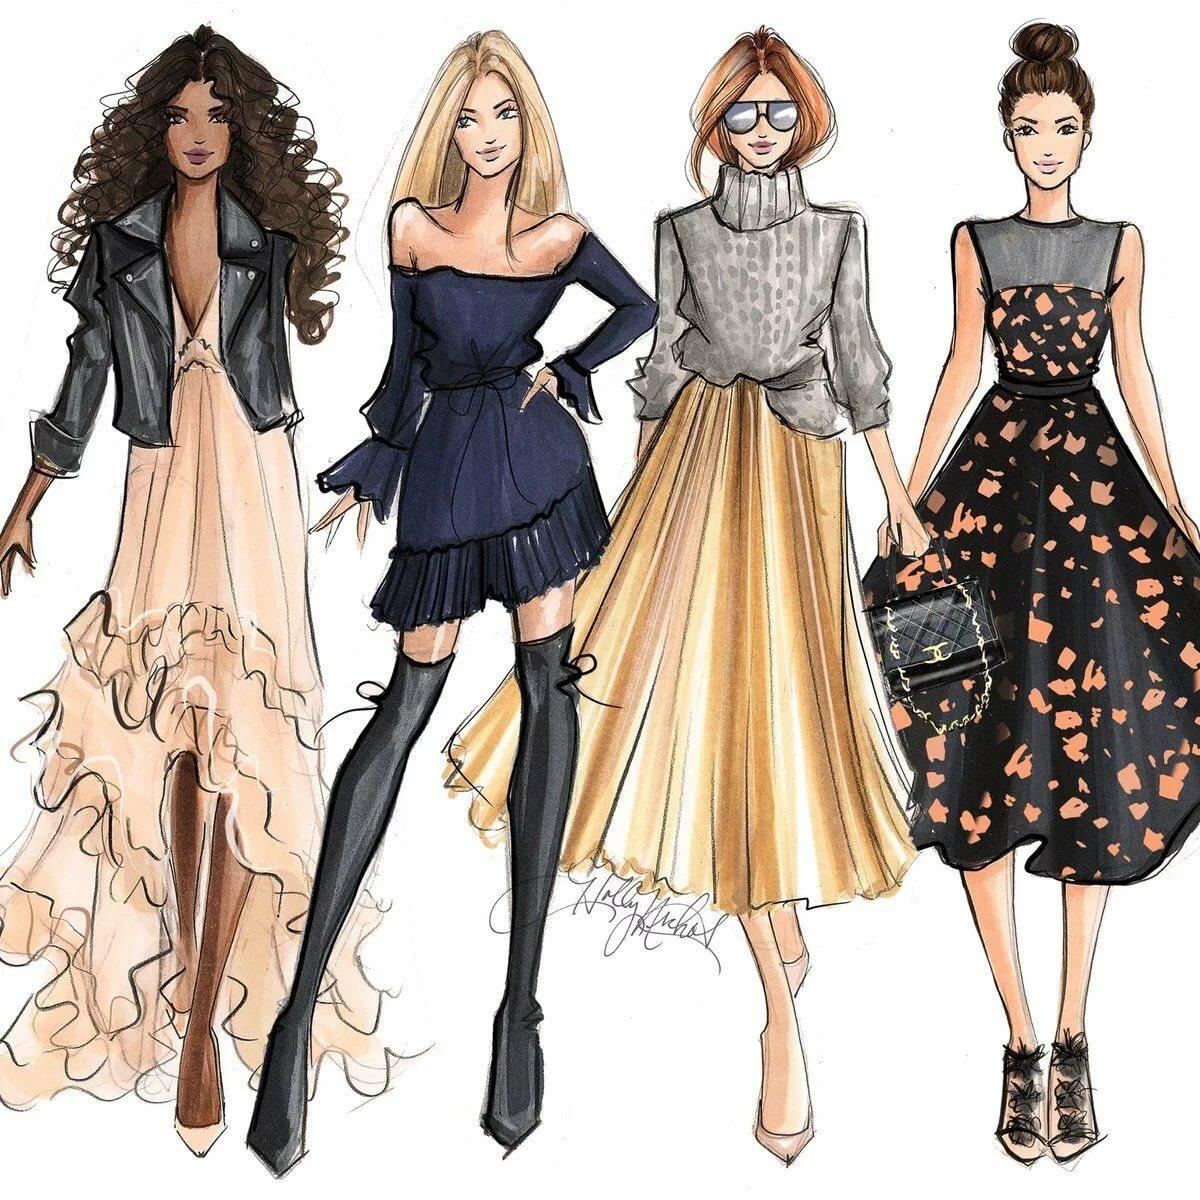 картинки на тему одежда и модами можно любой